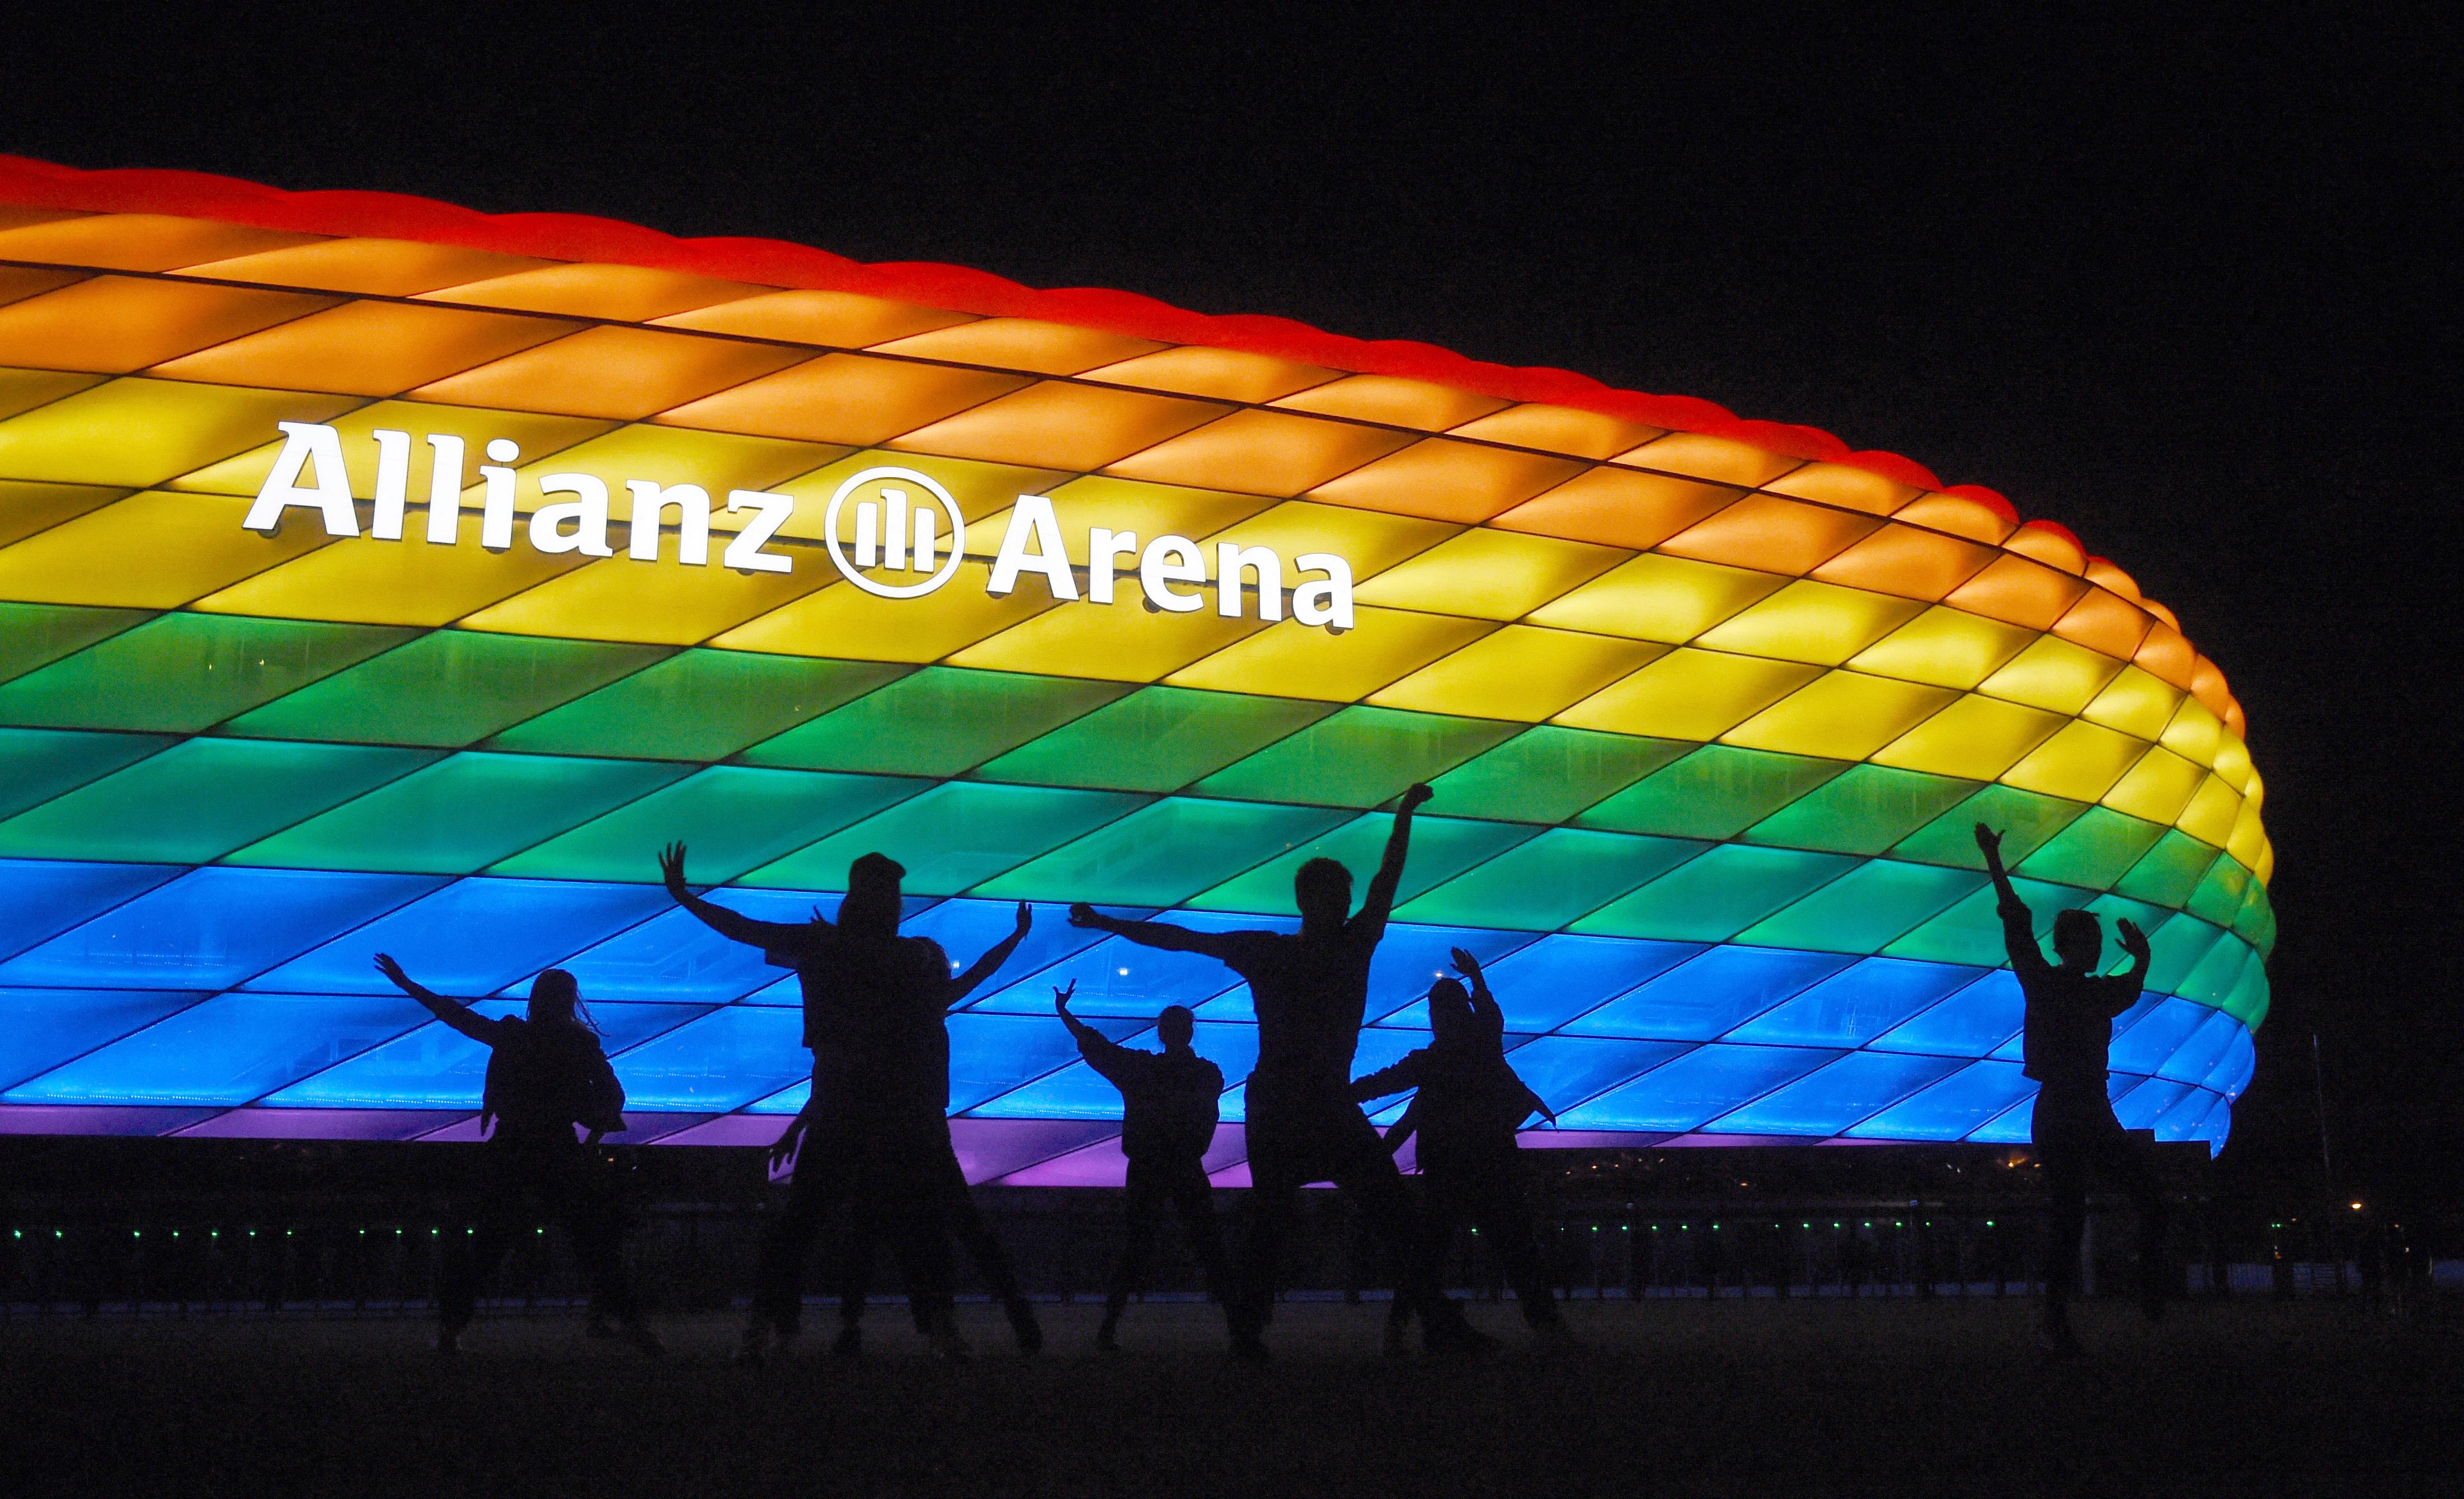 Úgy néz ki, nem lehet szivárványszínű a müncheni stadion